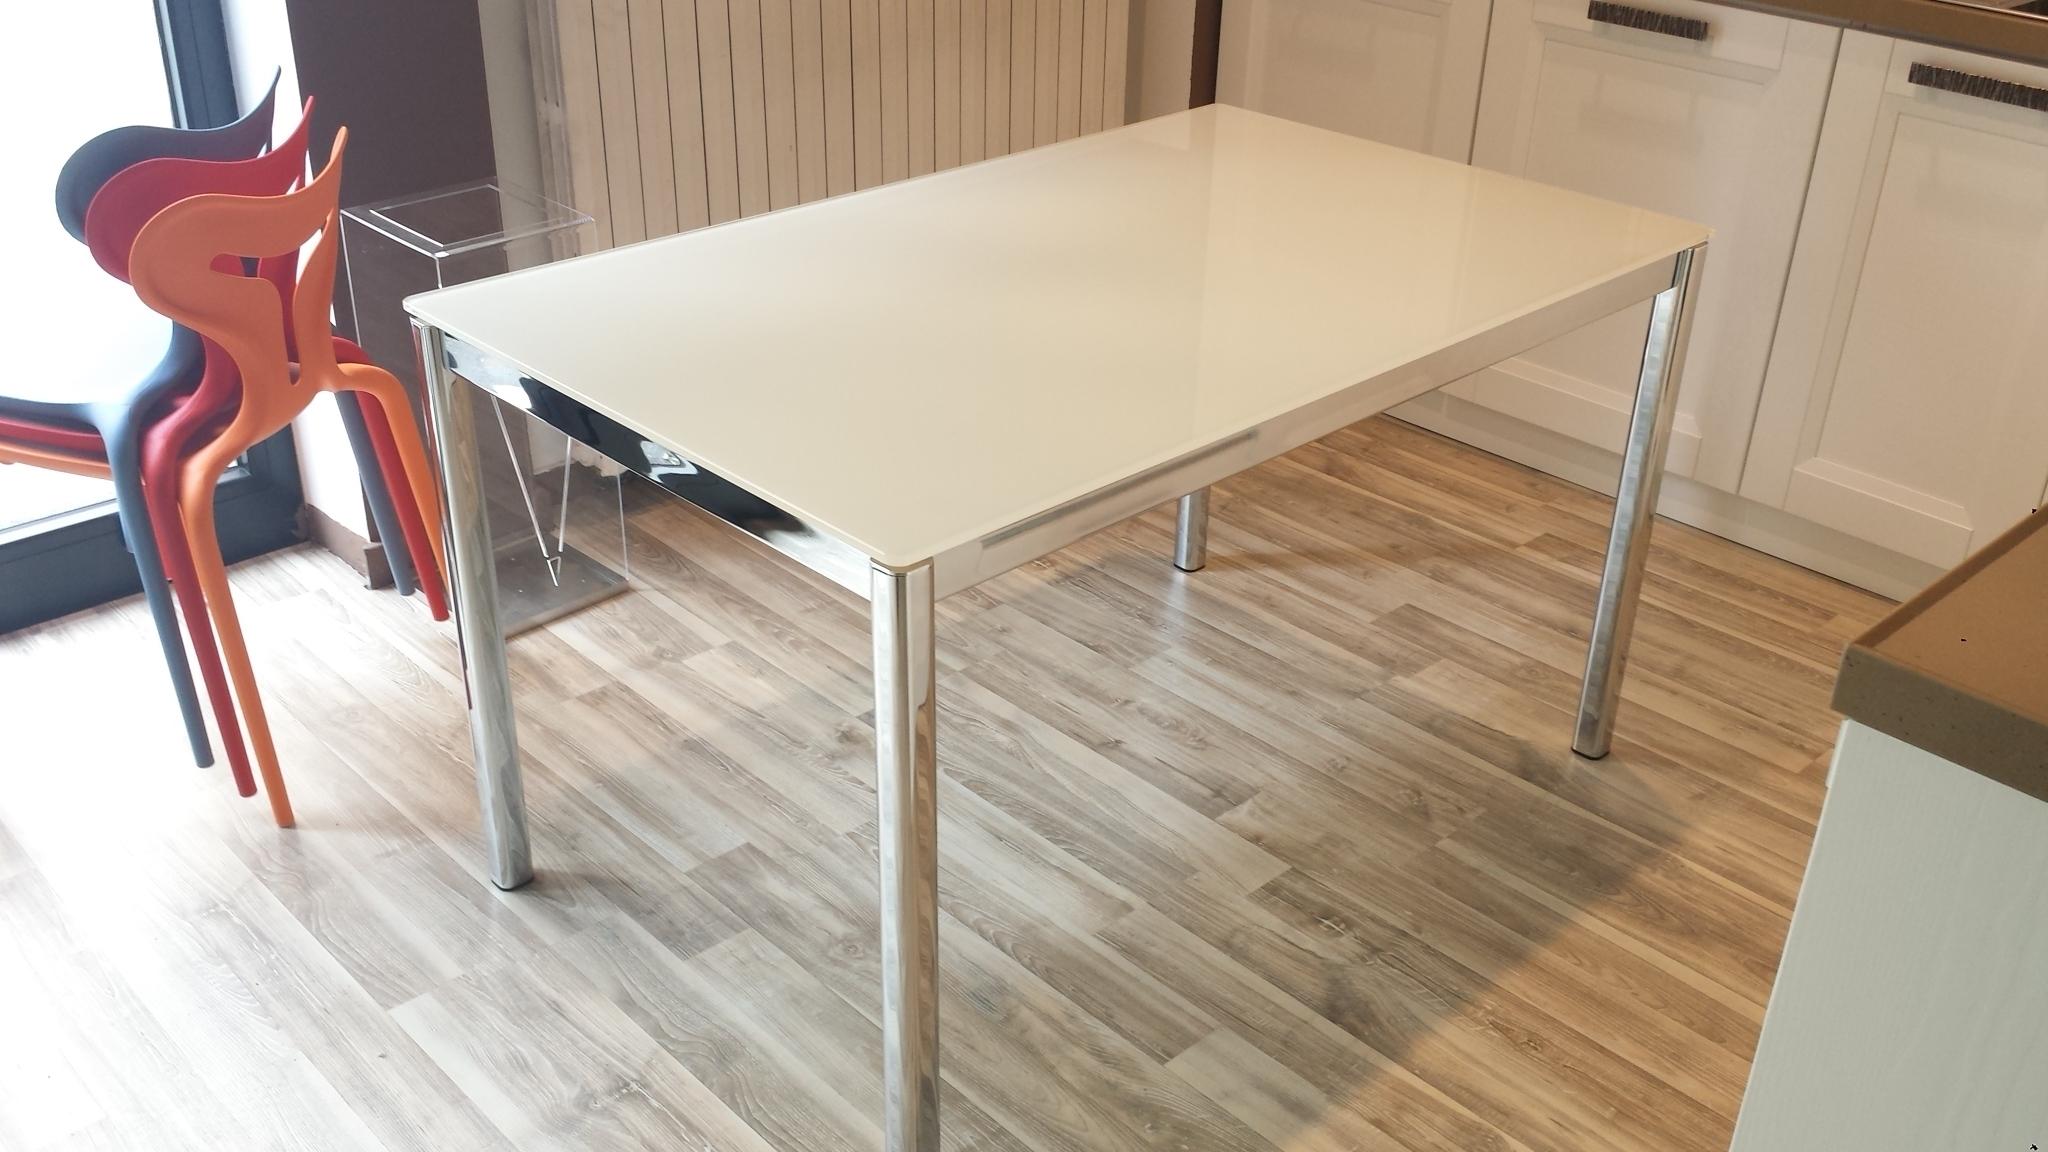 Offerte sedie da cucina stunning stunning offerte sedie for Tavoli design offerte